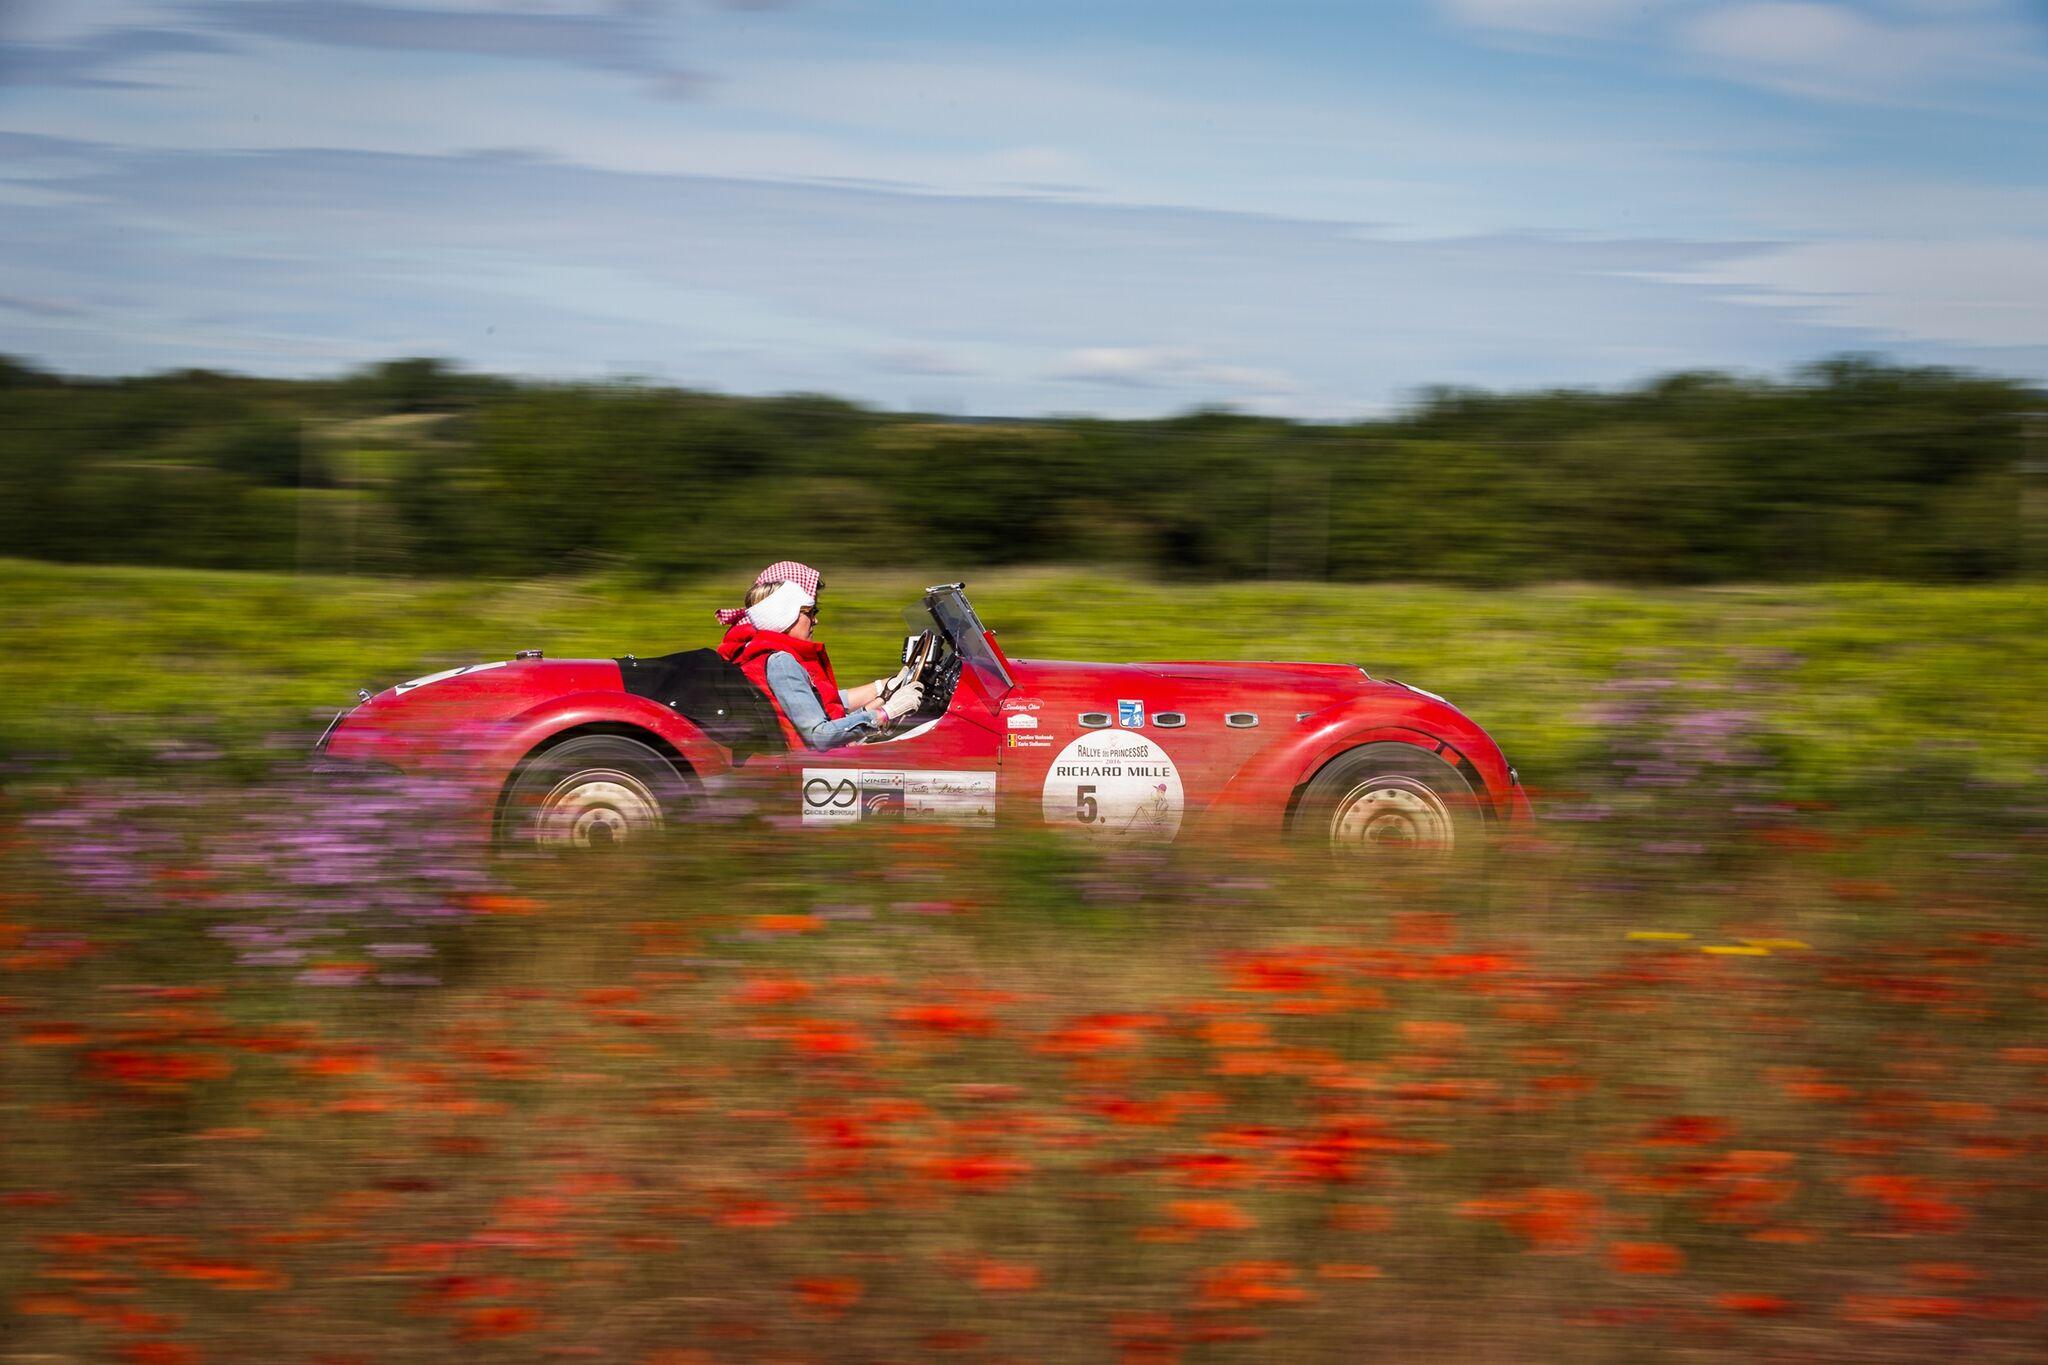 Phong cảnh nước Pháp như một bức tranh để các cô nàng mặc sức vẫy vùng cùng chiếc xe của mình.